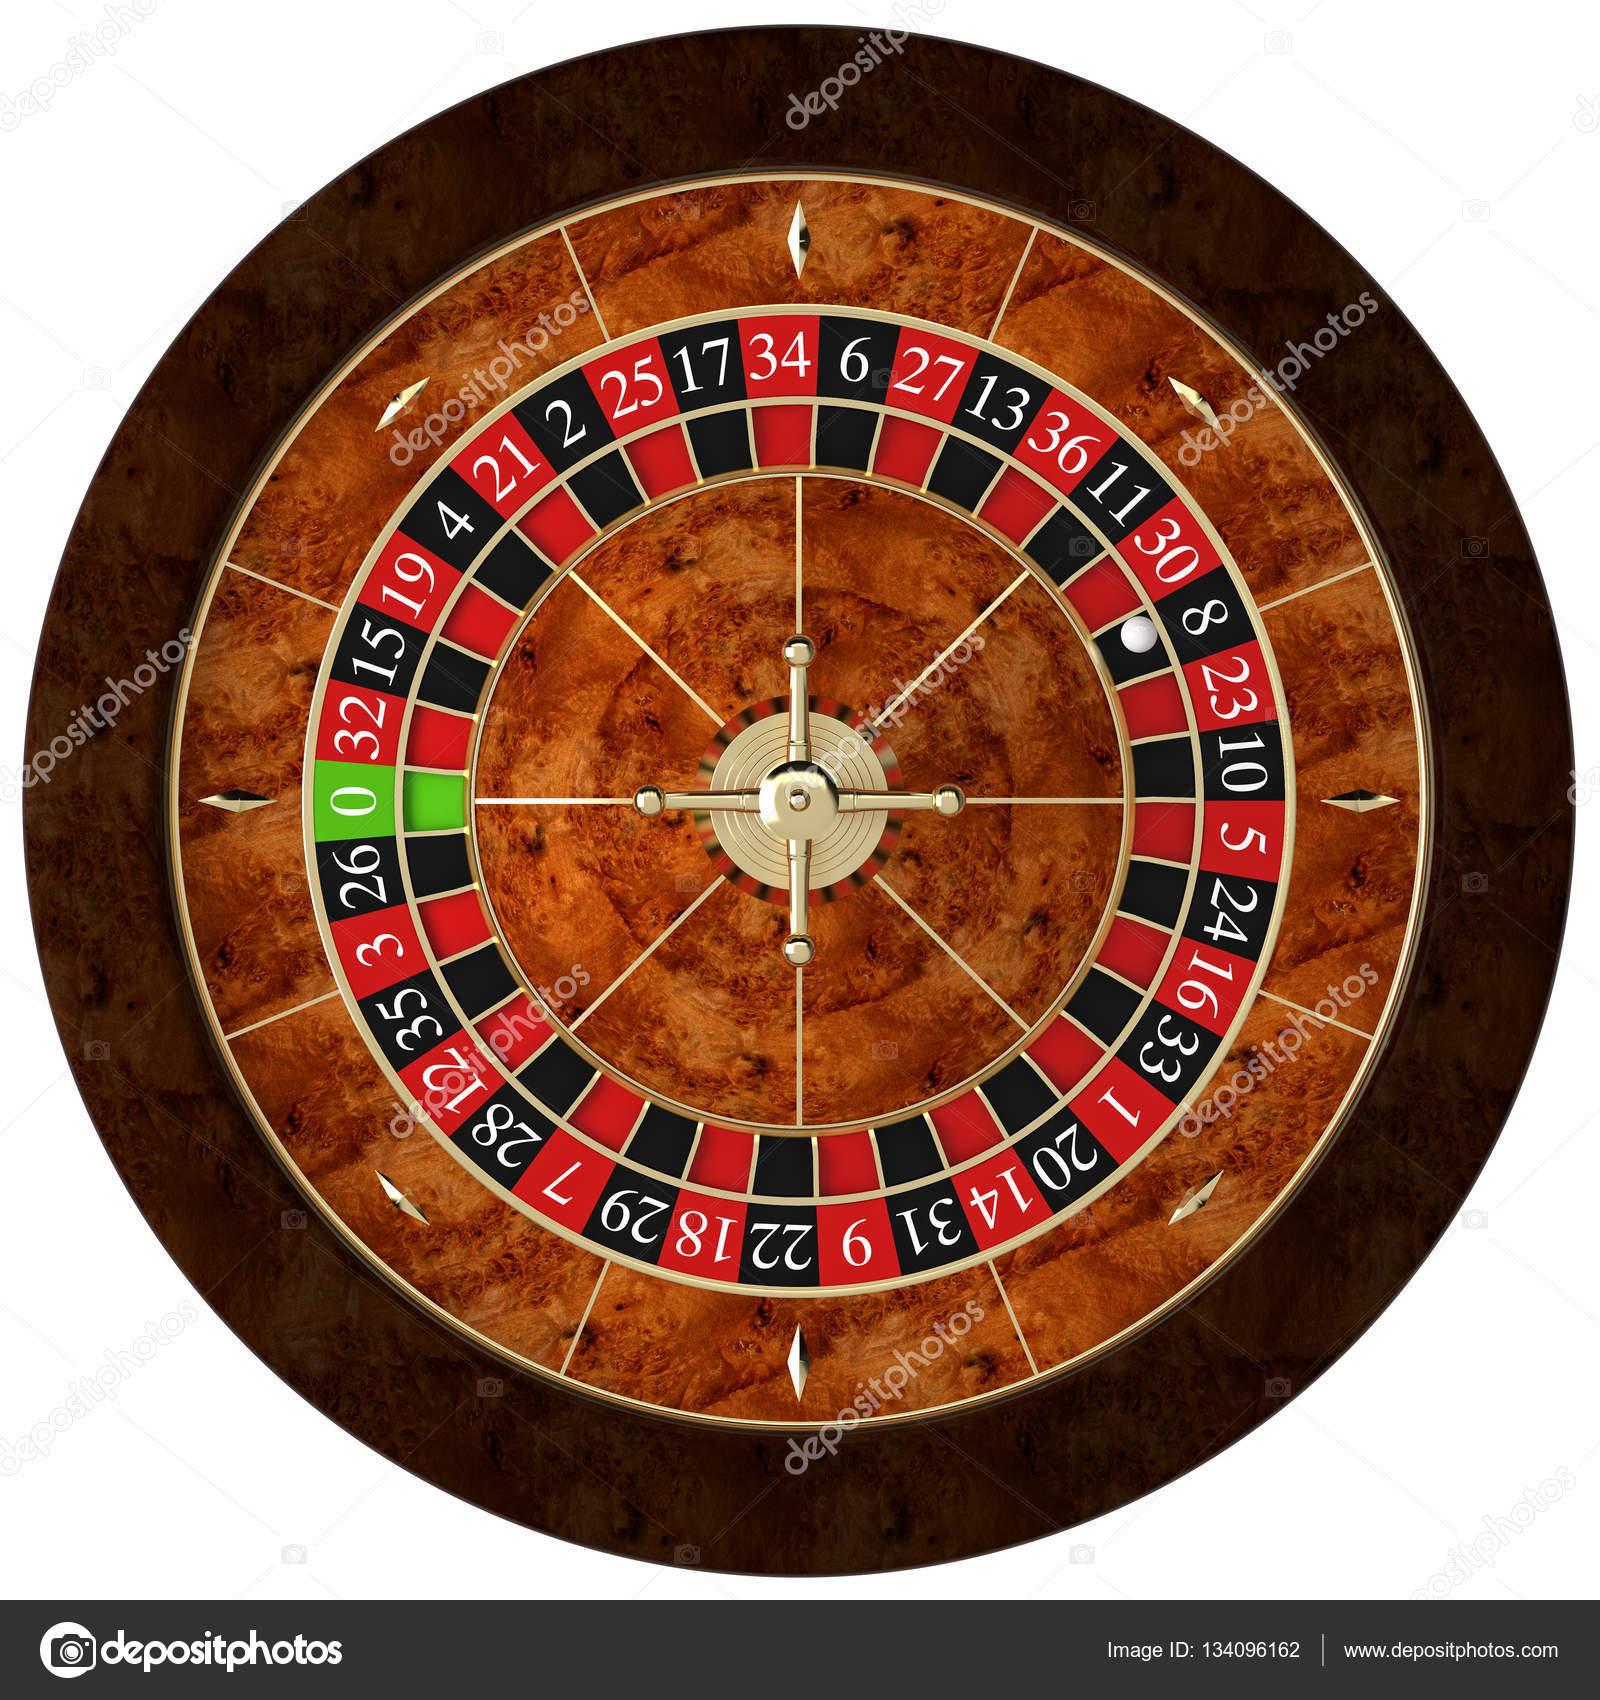 Ruletas de casino mejores Funchal-442153